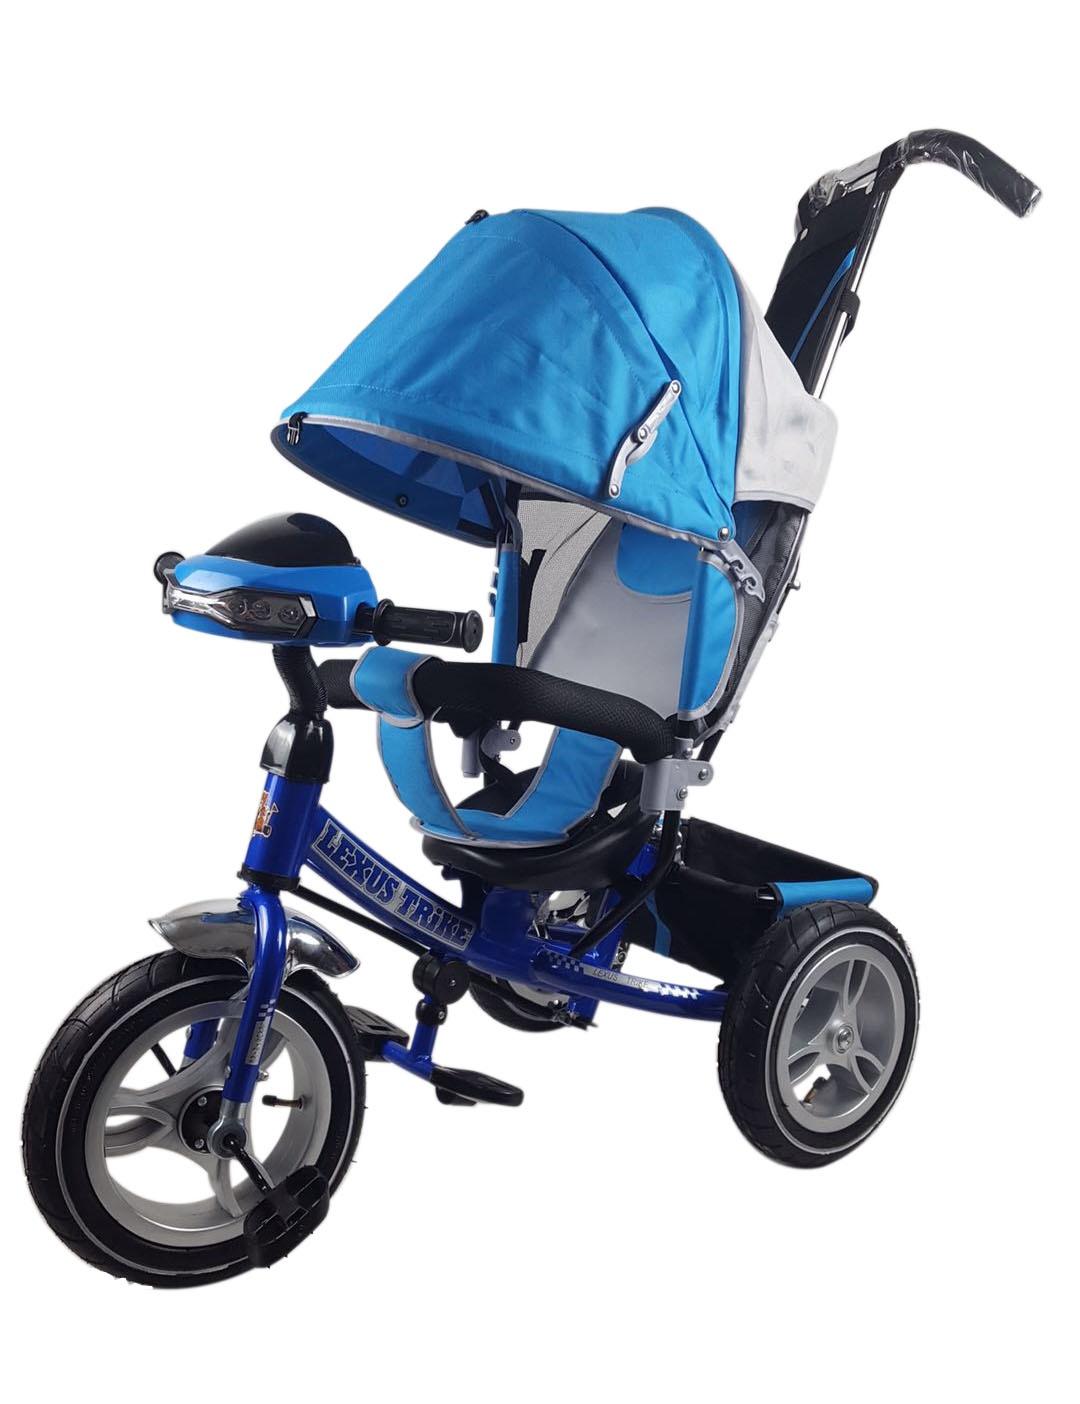 Велосипед Lexus Trike MS-0637 12/10 надувные, музыкальный, синий